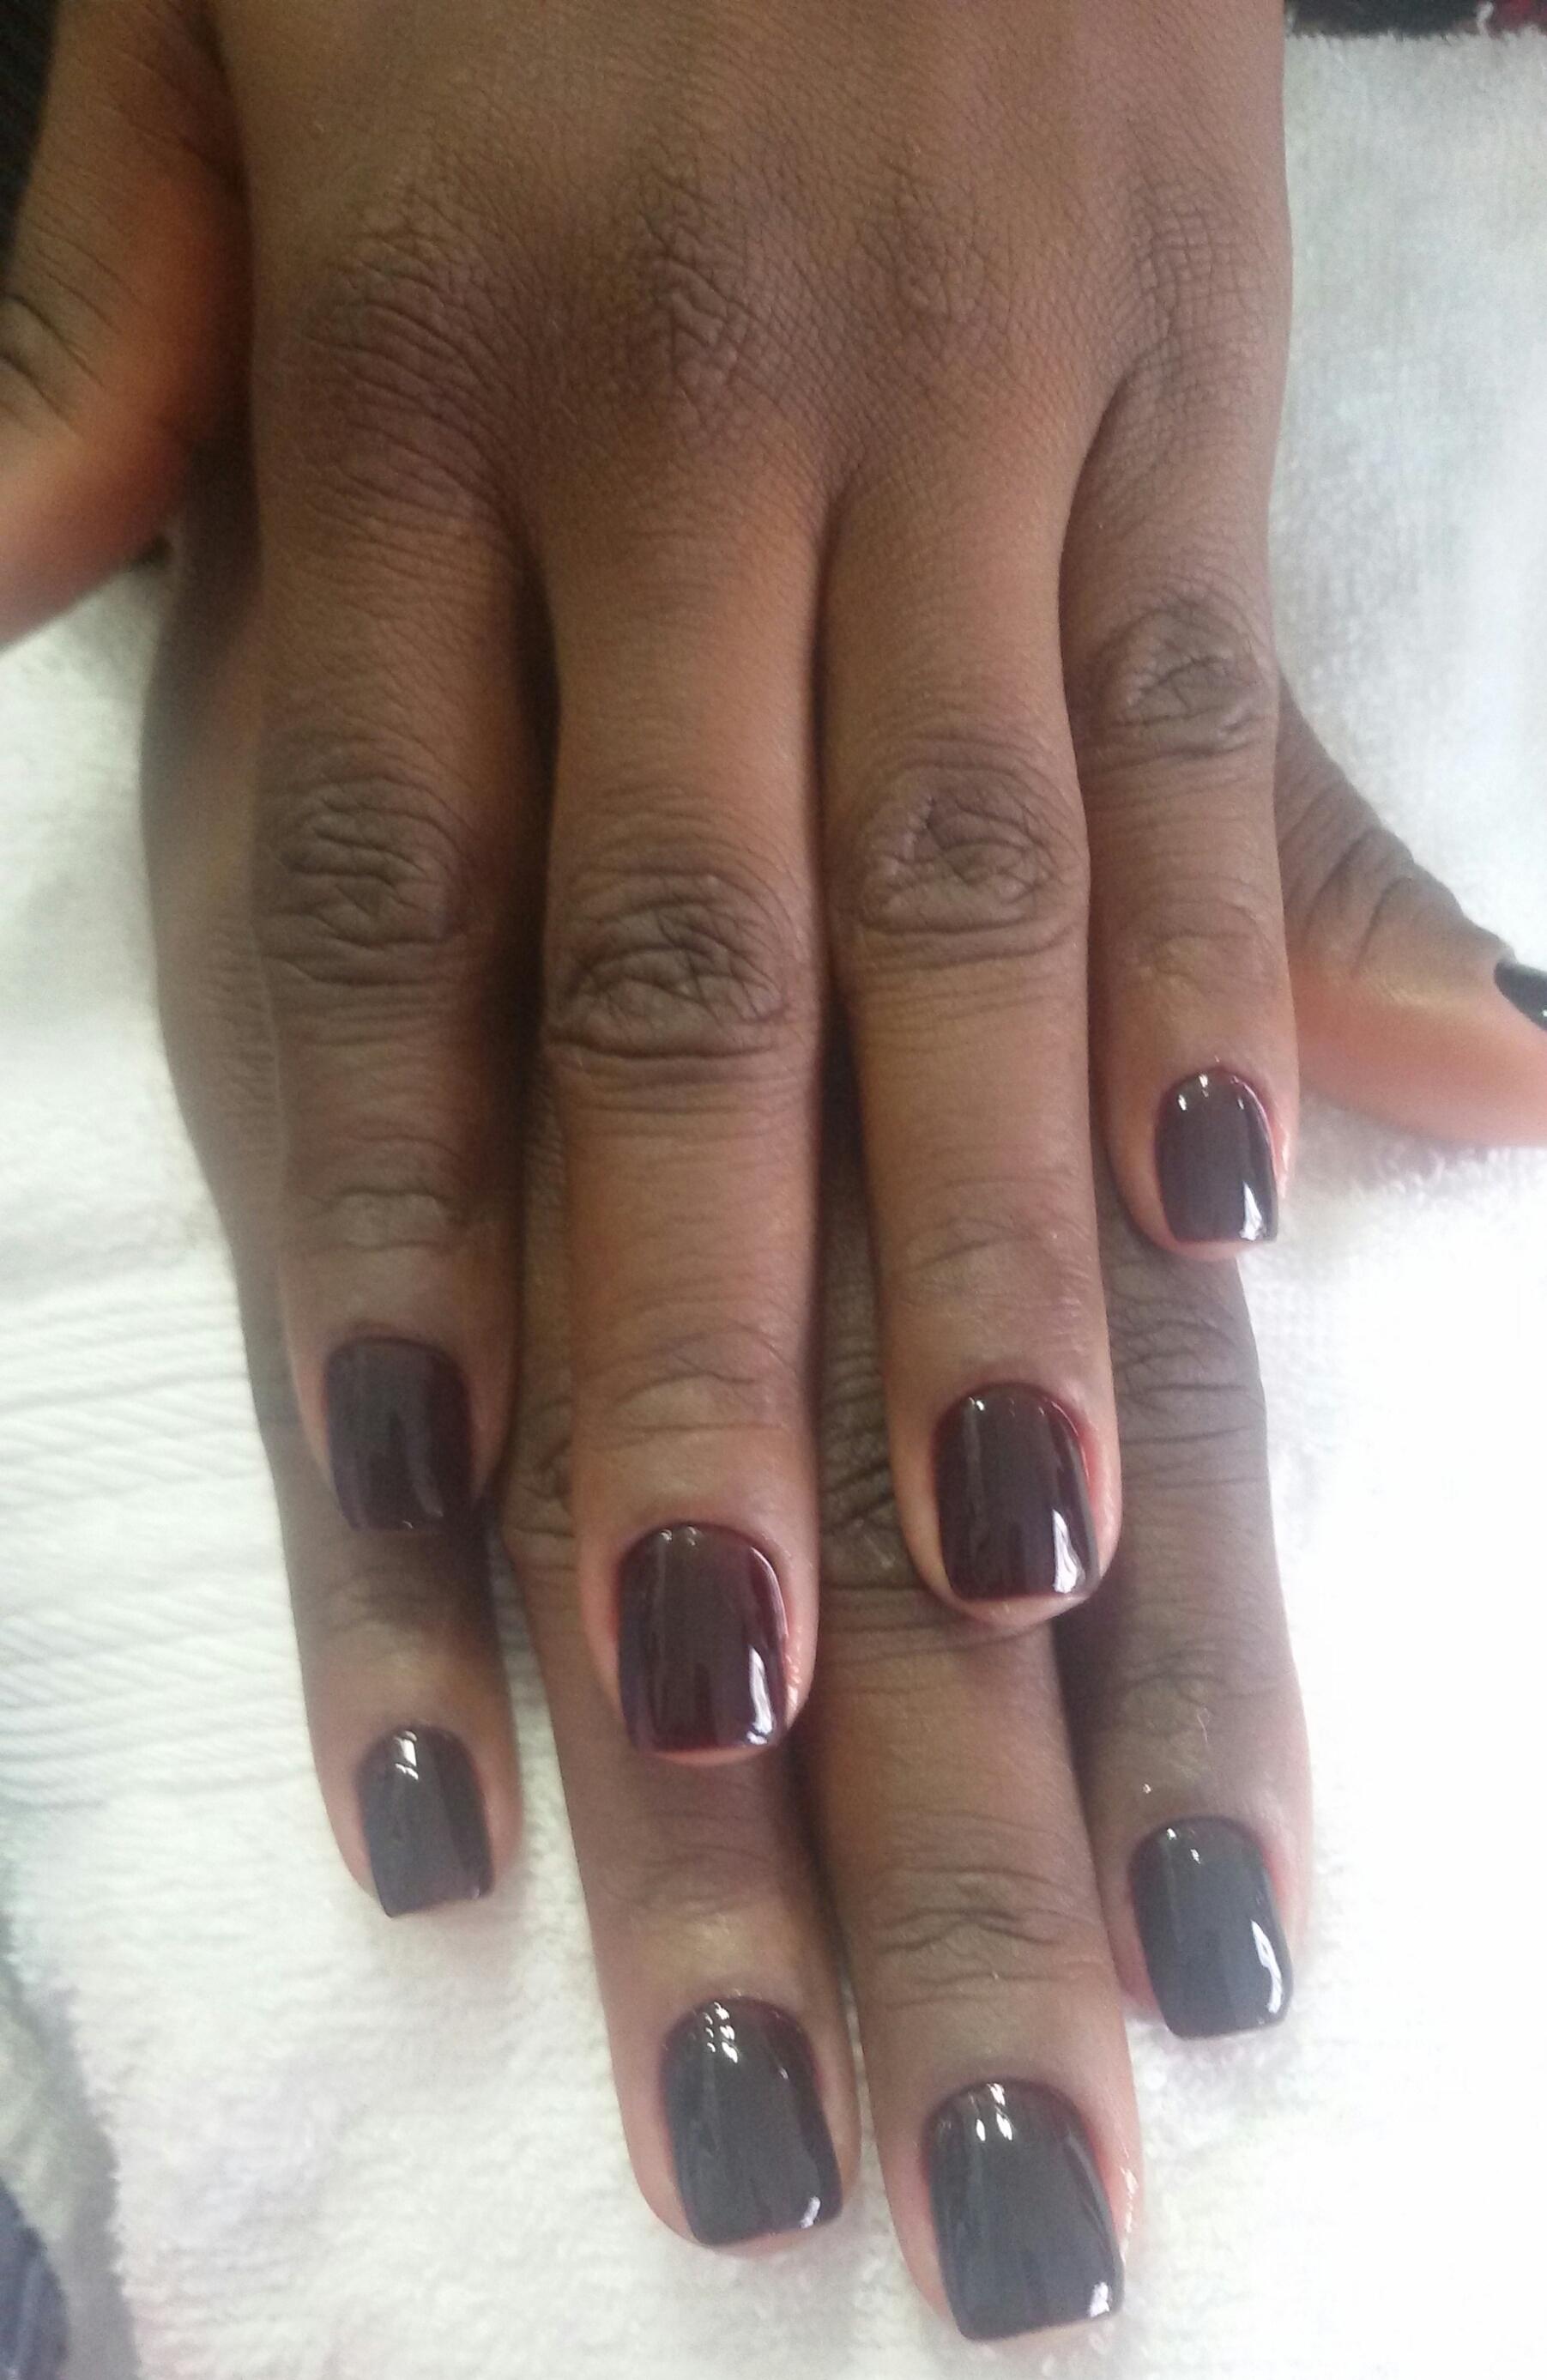 #unhas #amounhas #manicureEpedicure #nail #lovenails unha maquiador(a) esteticista manicure e pedicure designer de sobrancelhas